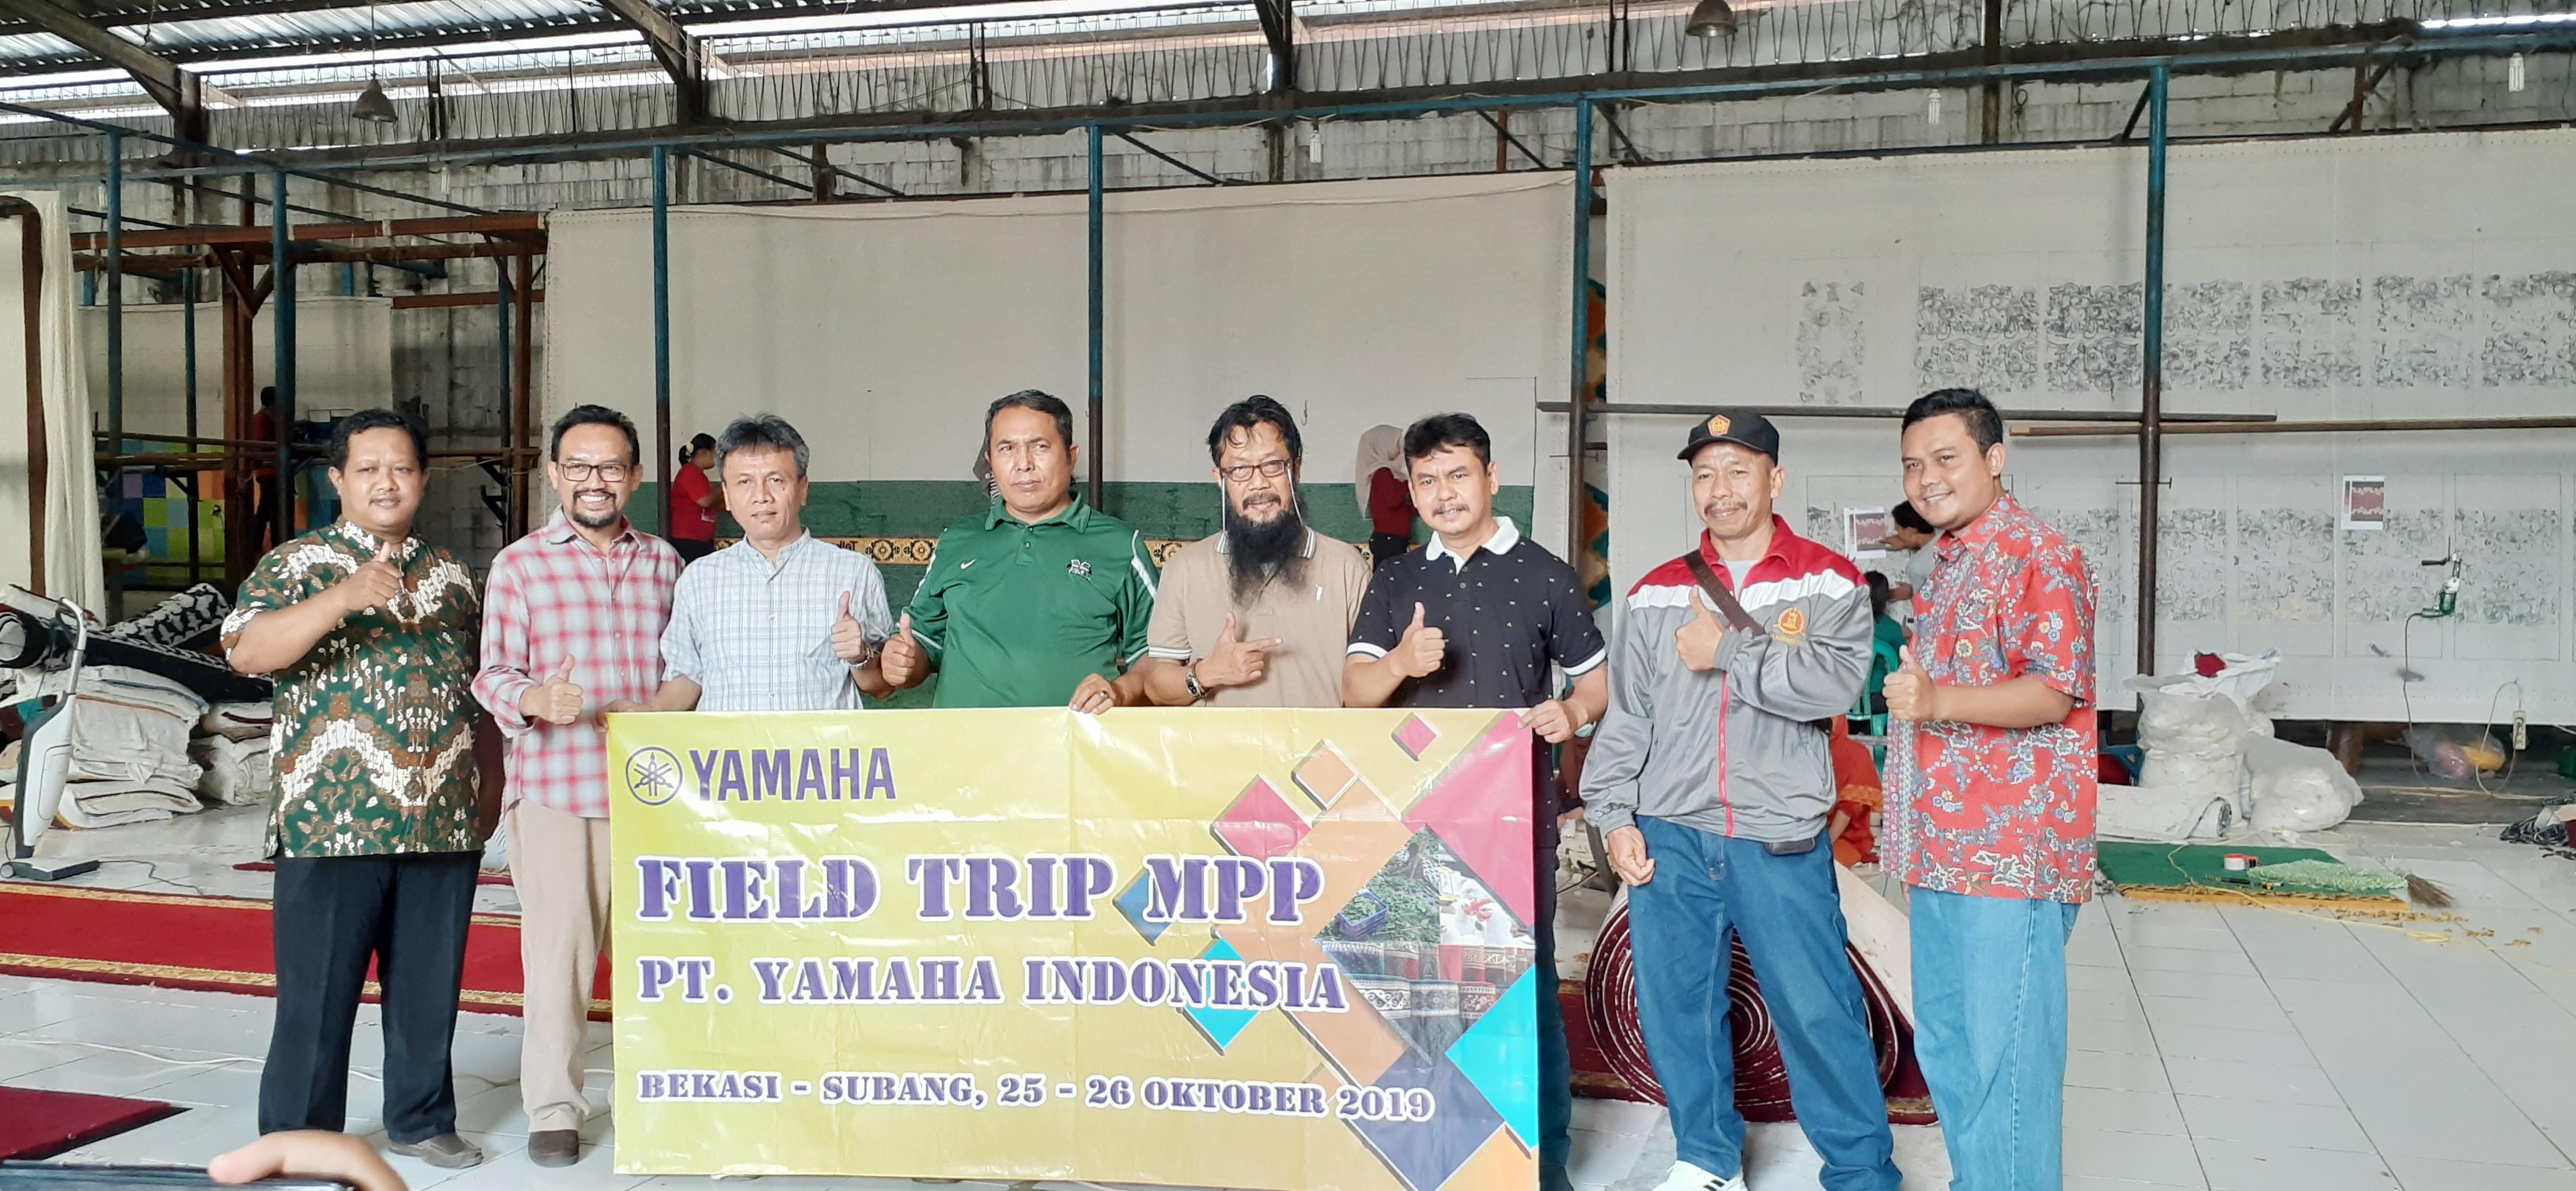 Kunjungan Peserta MPP(Masa Persiapan Pensiun) Dari PT. Yamaha Indonesia Ke Pabrik HJ Karpet